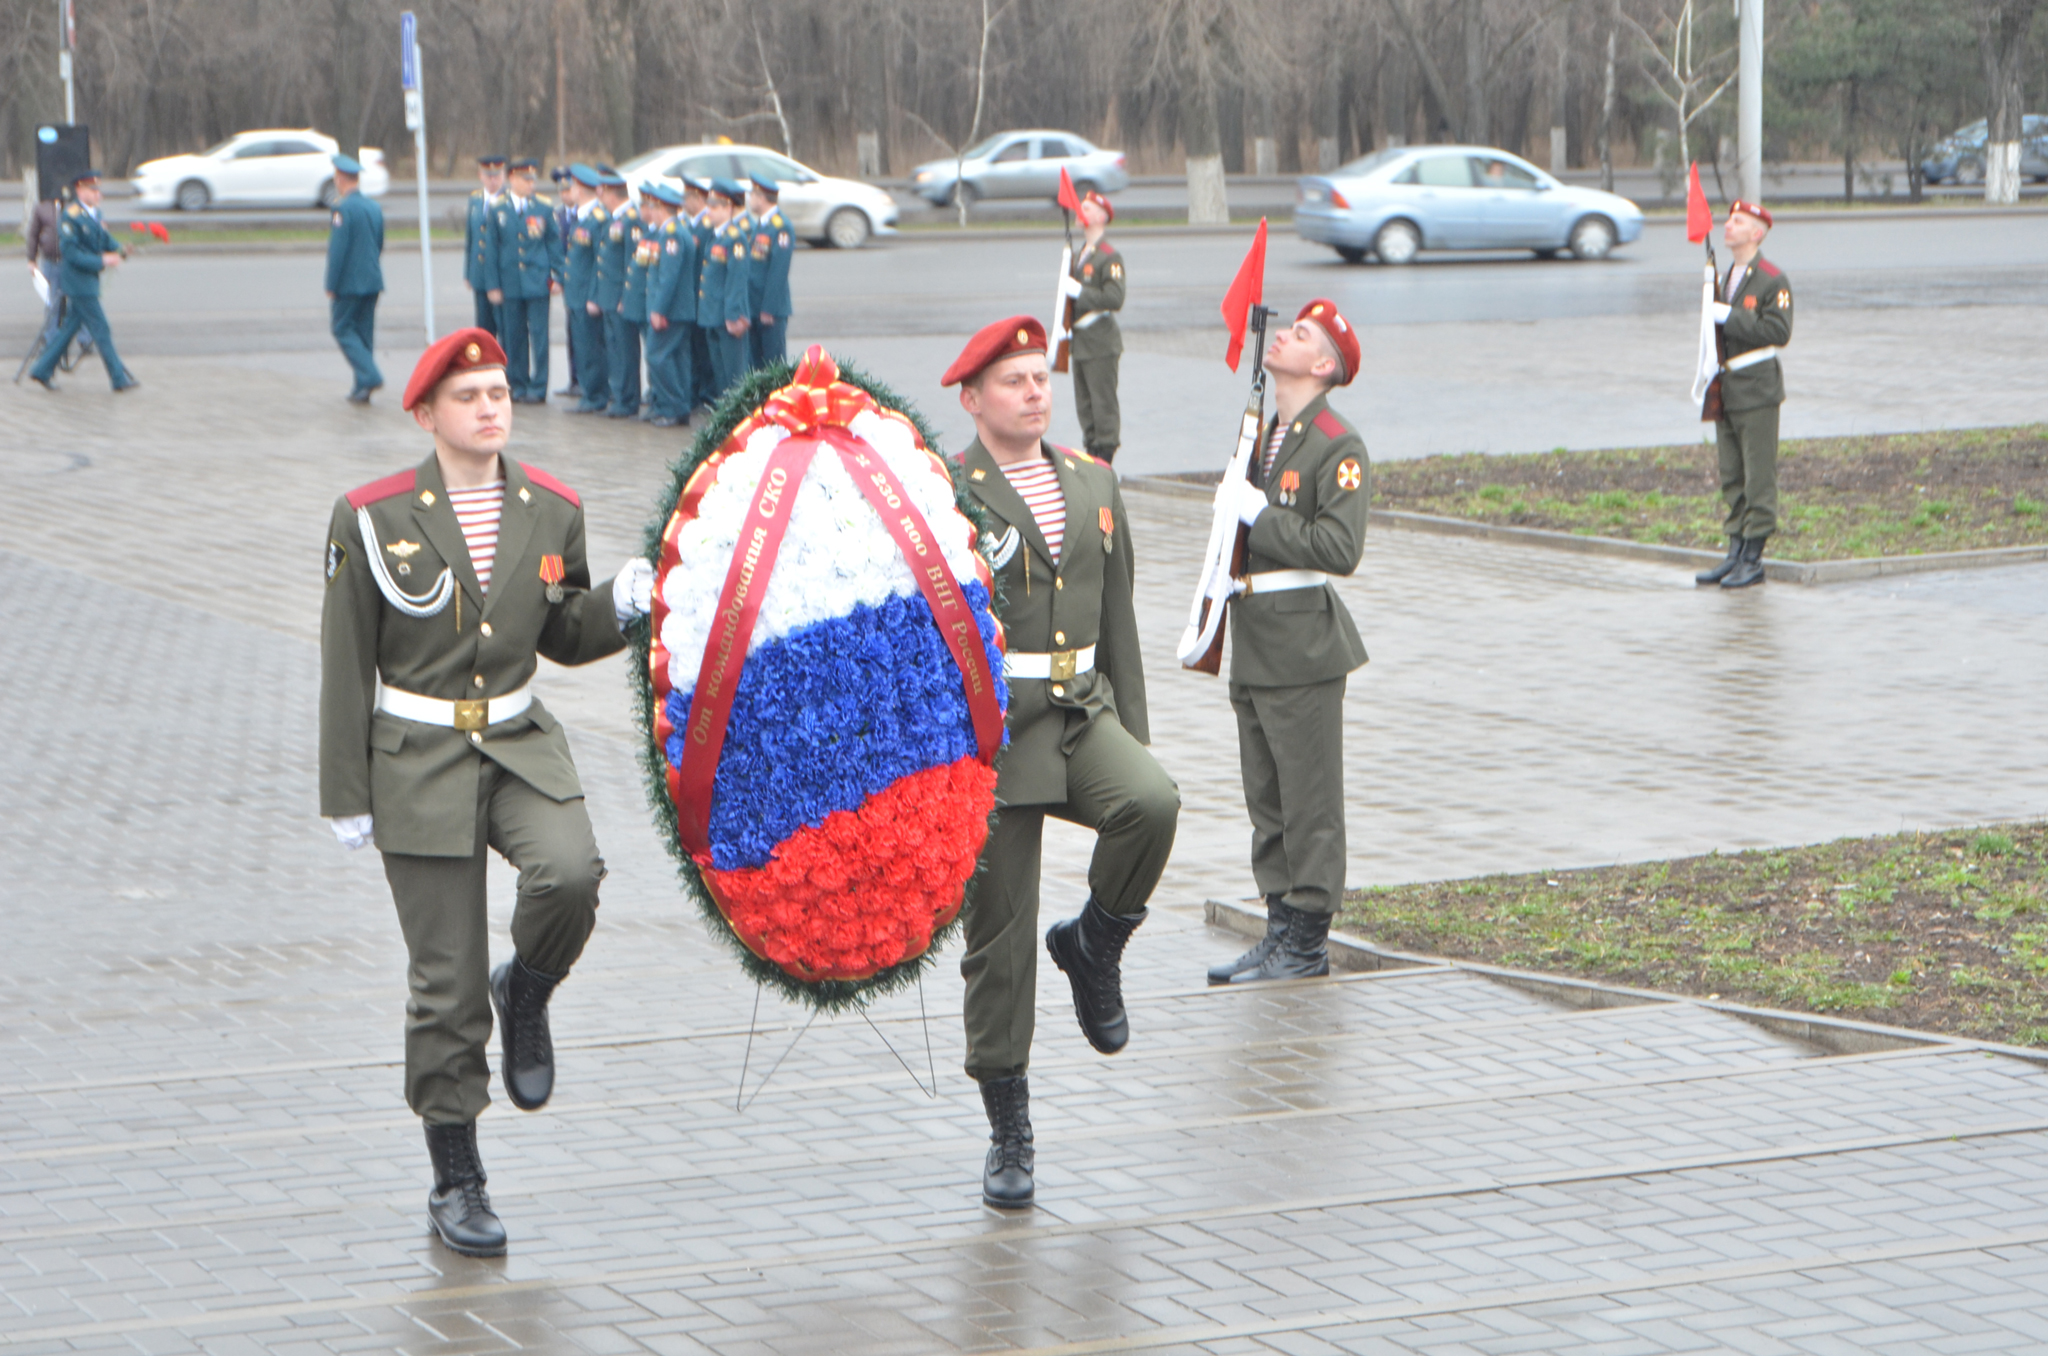 Поздравления на день войск национальной гвардии